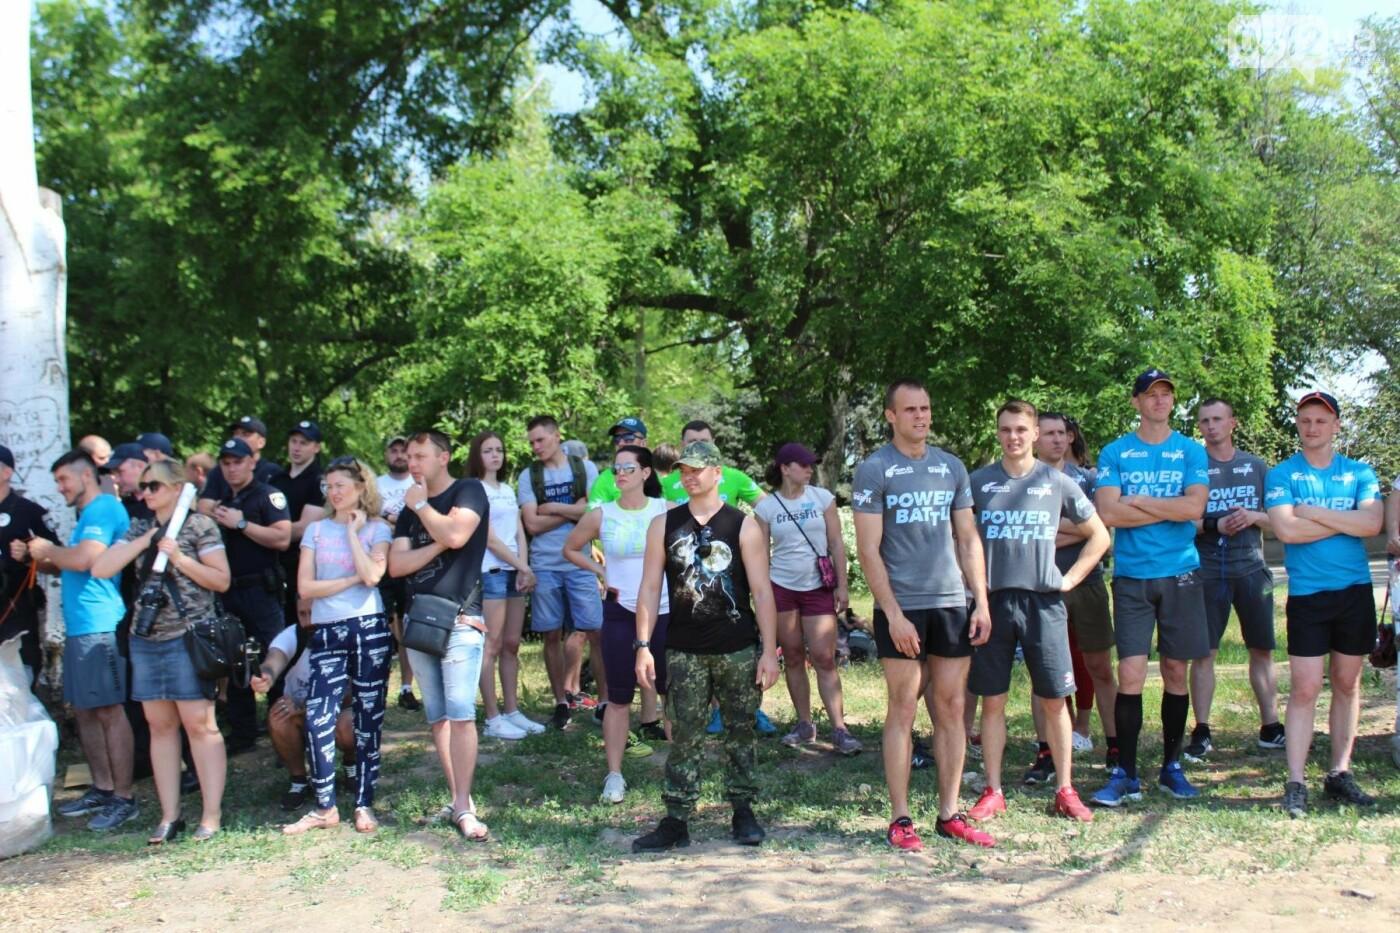 Кто сильнее: в Николаеве прошли соревнования по кроссфиту среди силовых структур, - ФОТО, ВИДЕО, фото-16